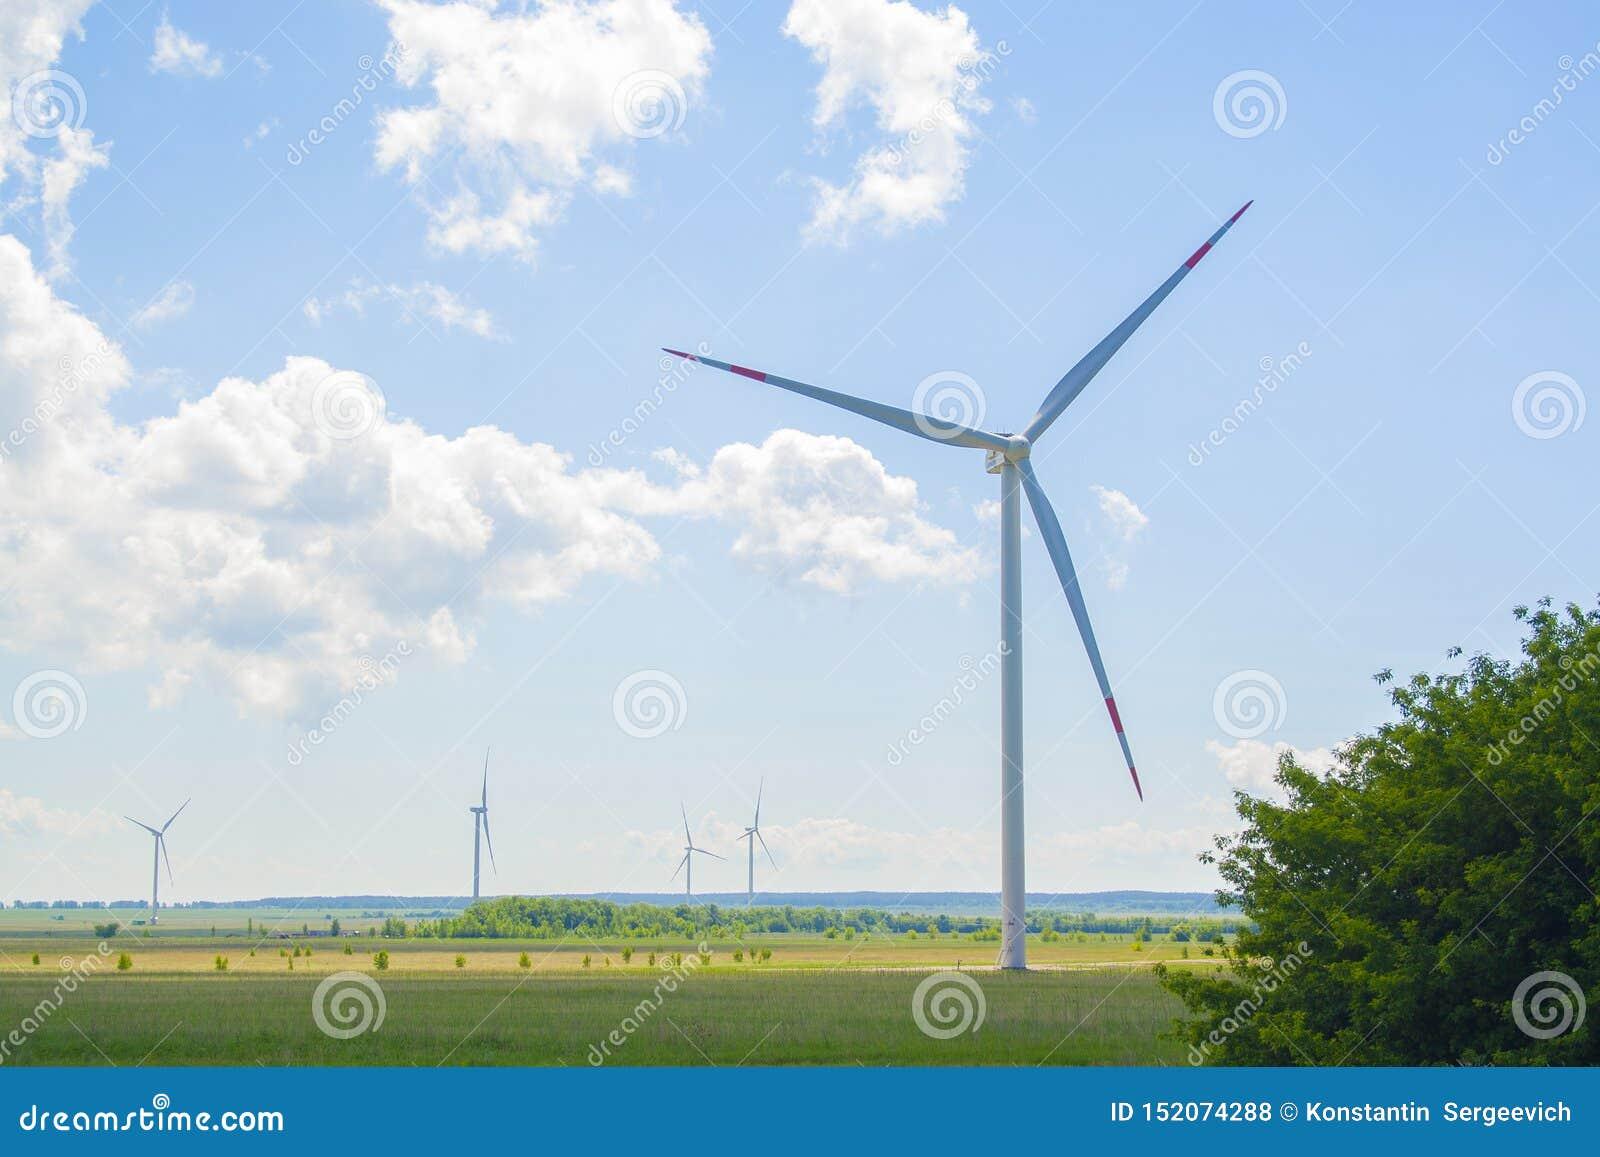 Vele grote en hoge windmolens bij zonnige dag op het groene gebied Alternatieve energiegenerators Windmolens bij zonsopgang Ecolo